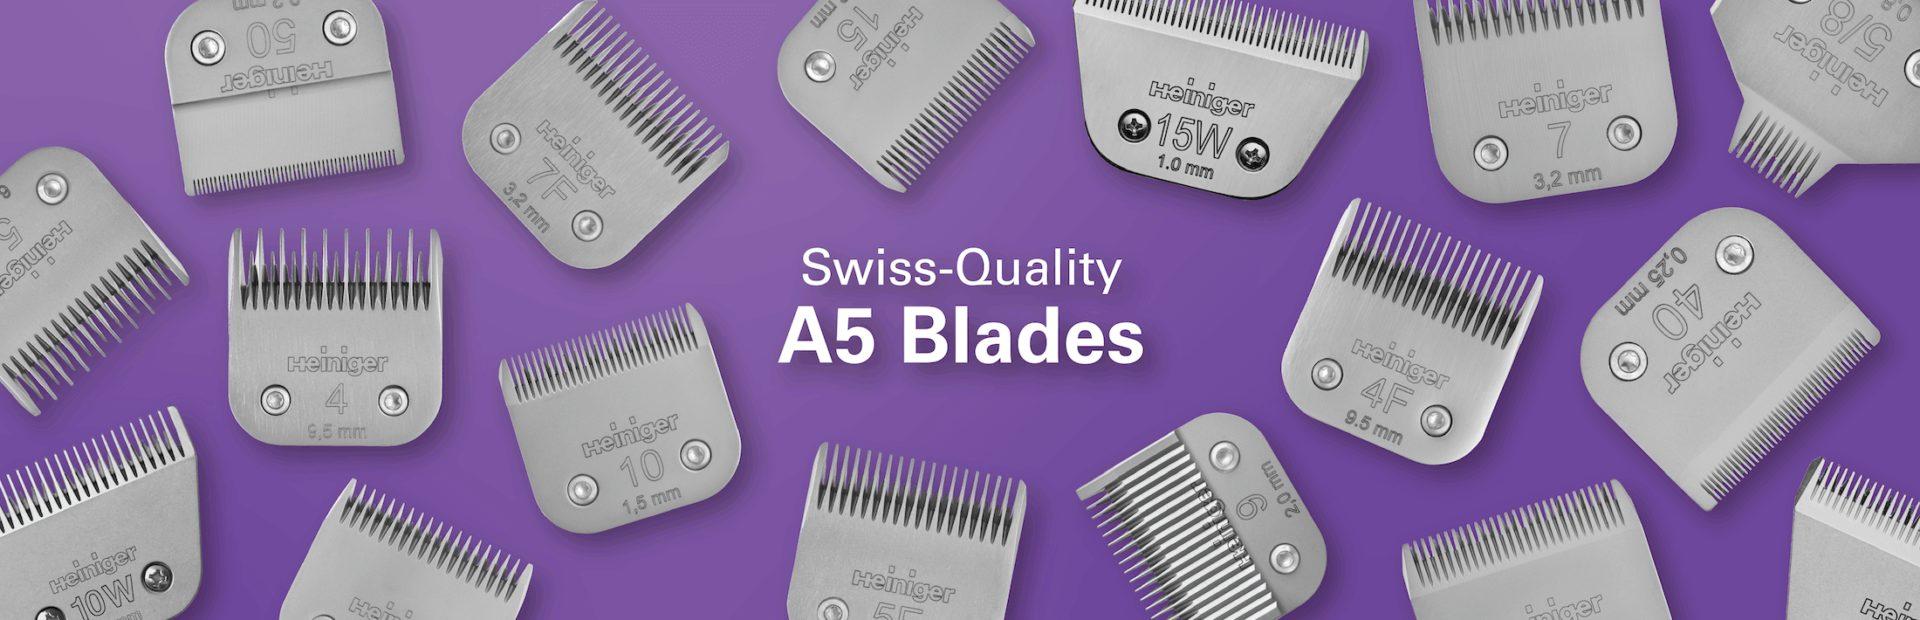 A5 Blades